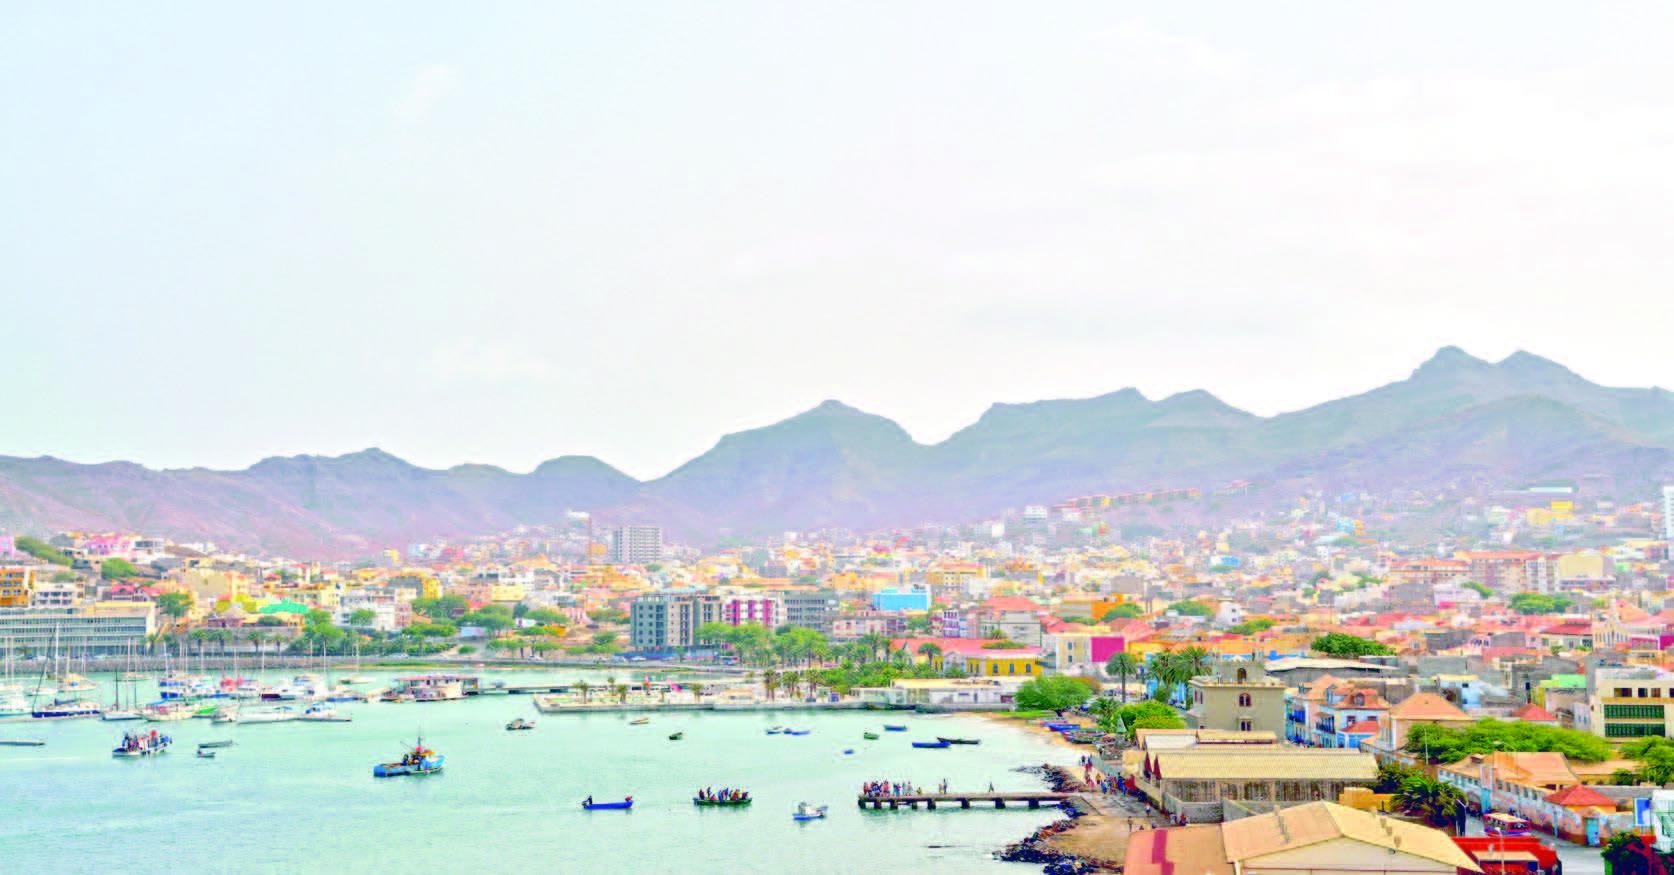 Découverte de Mindelo, la capitale culturelle du Cap-Vert à travers la musique, les arts graphiques, les marchés et la gastronomie, les us et coutumes du peuple capverdien